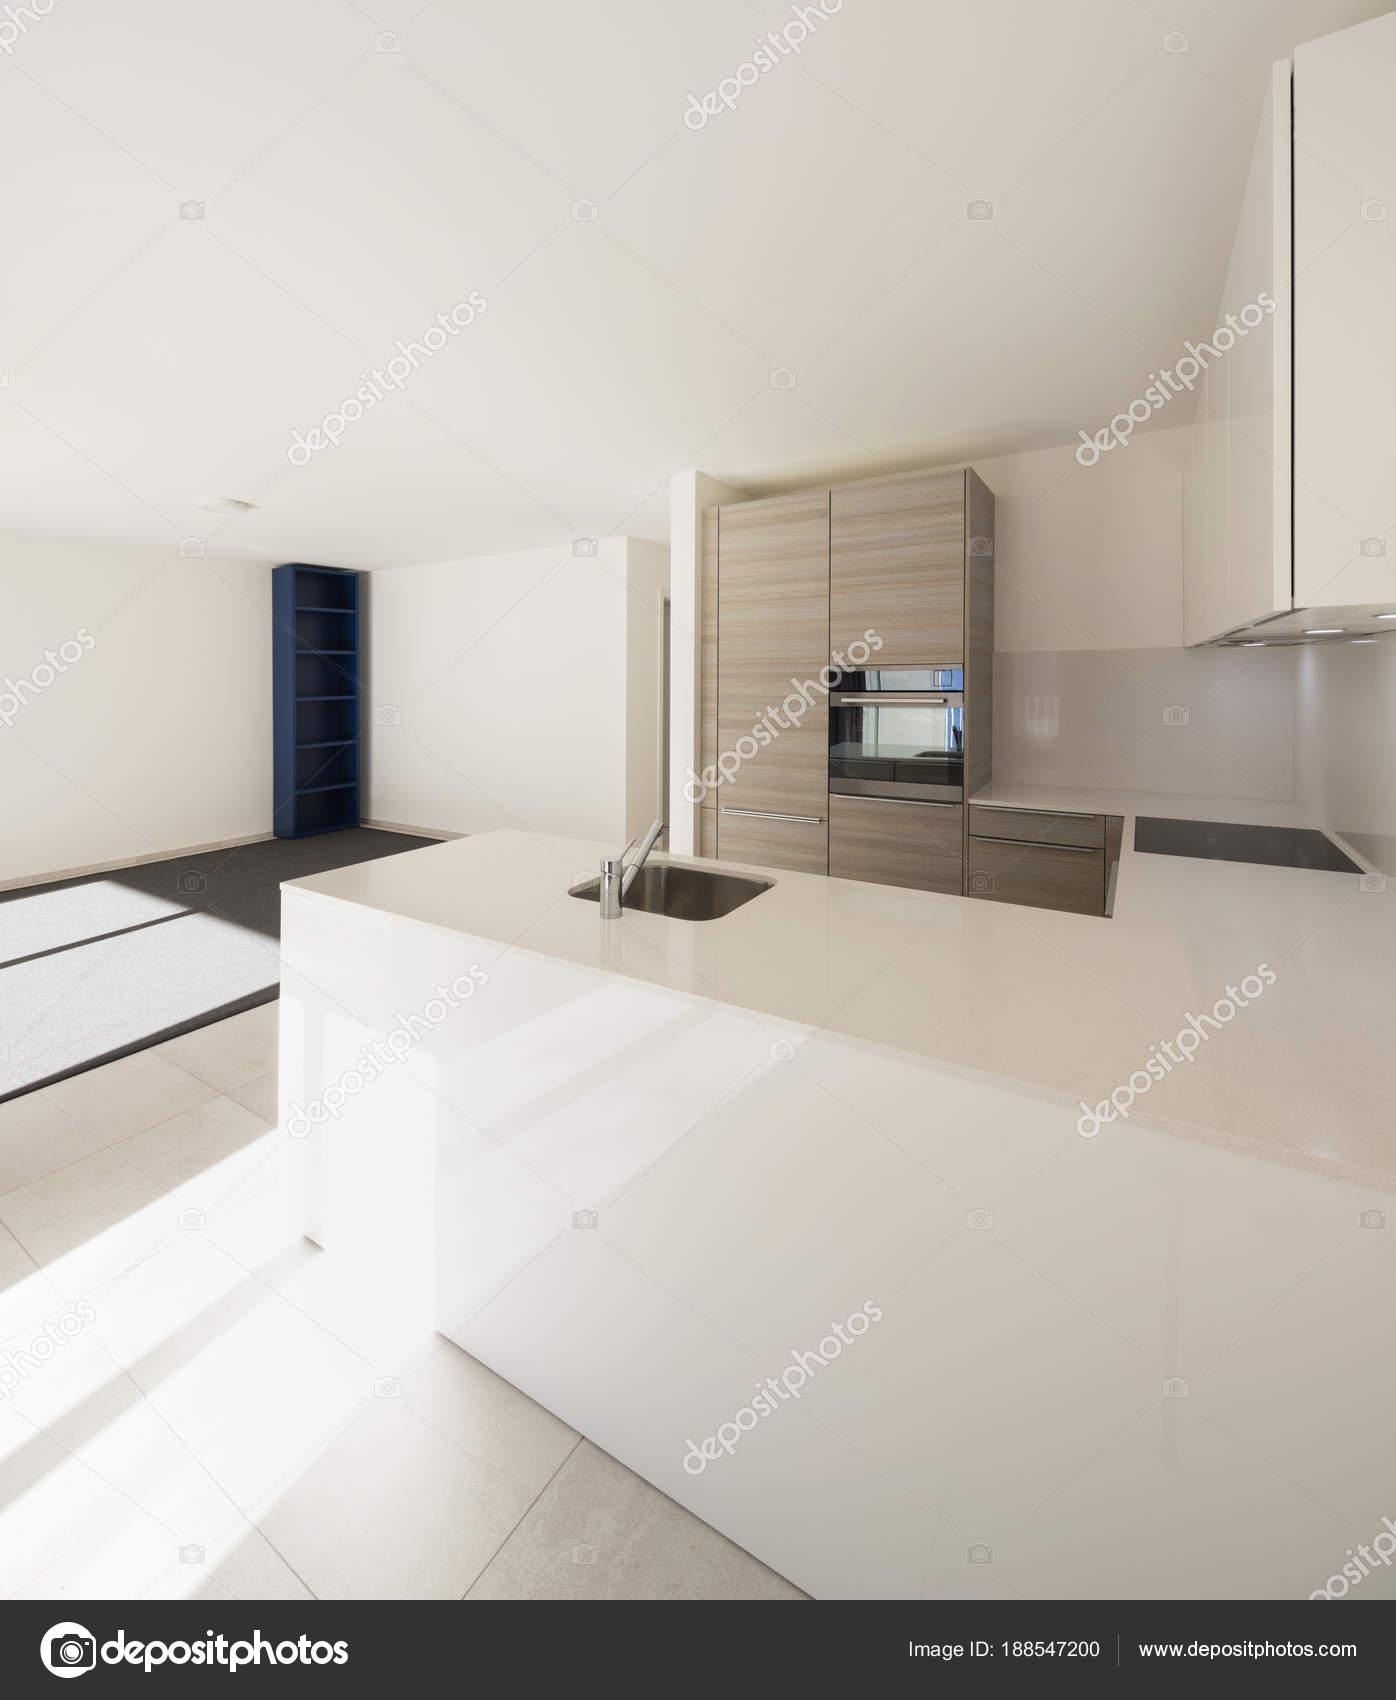 Moderner offener Raum mit Wohnzimmer und Küche — Stockfoto © Zveiger ...